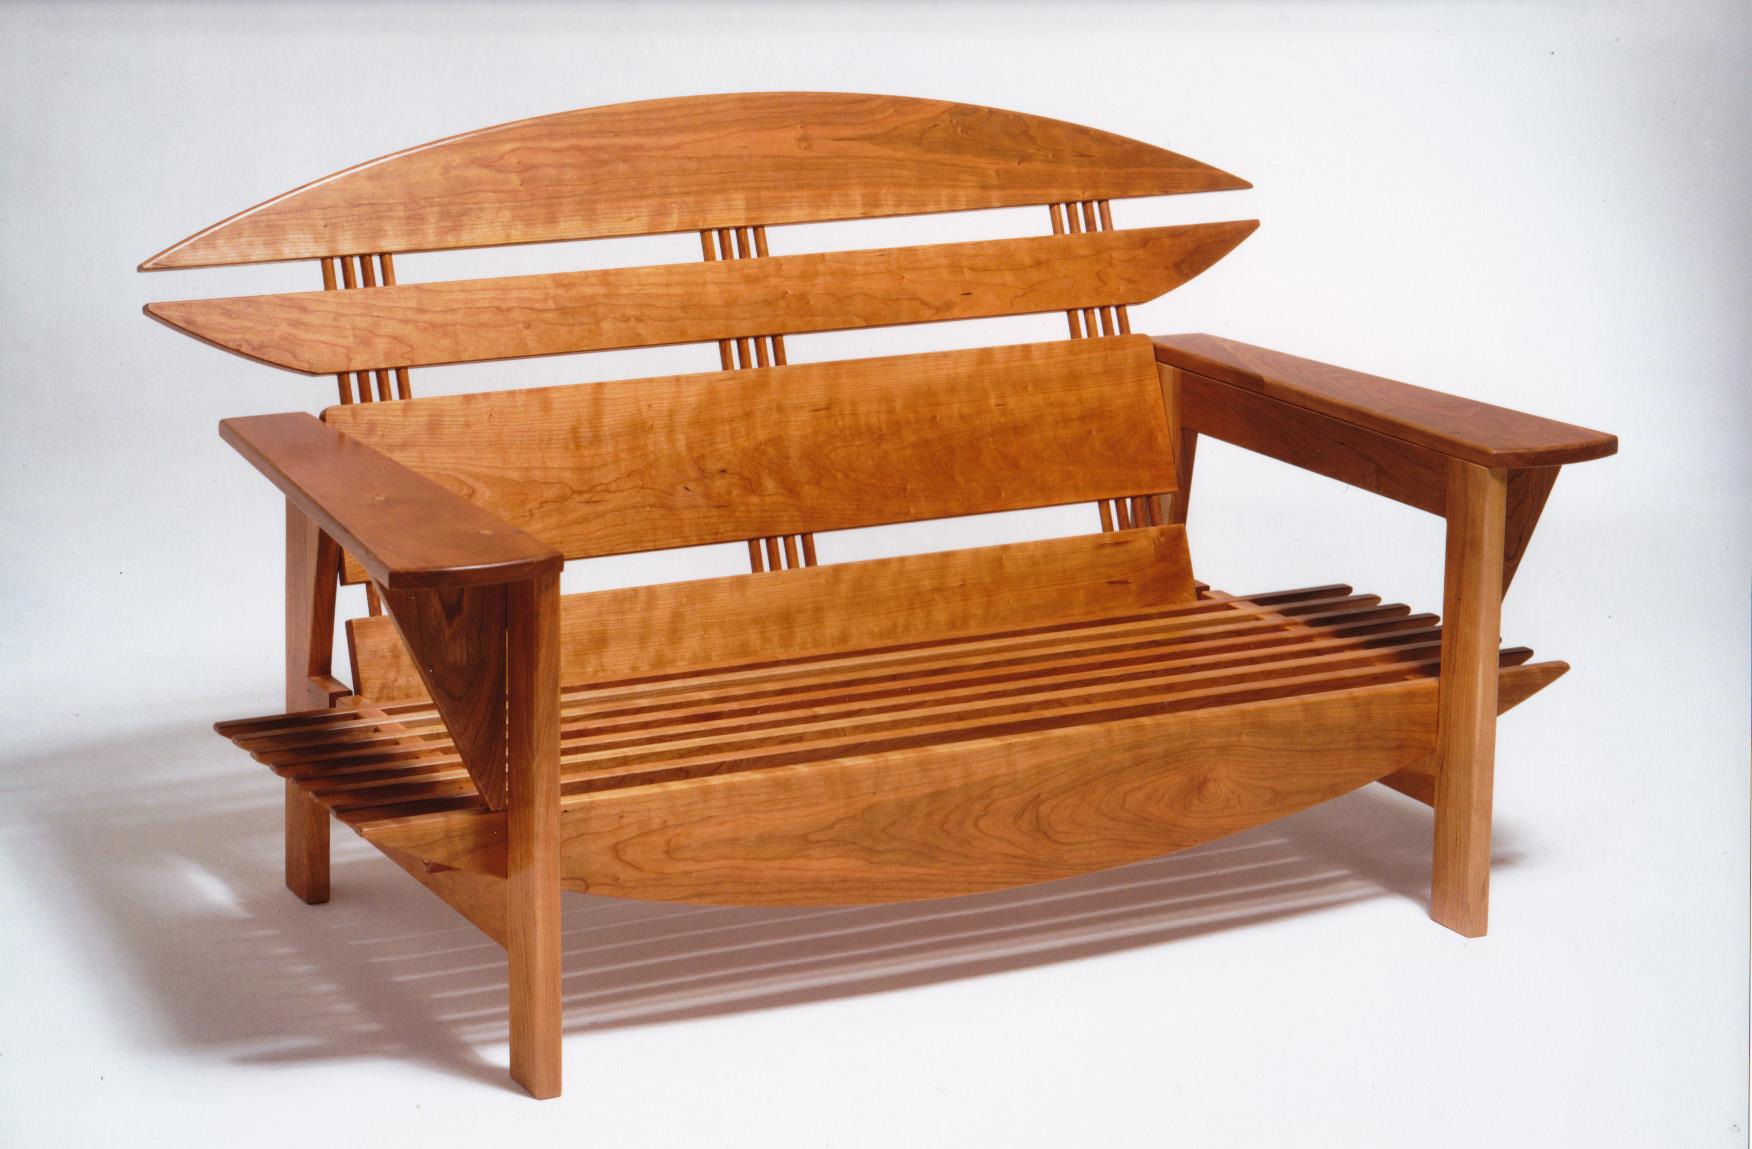 divano in massello di ciliegio_assemblaggio con viti di legno